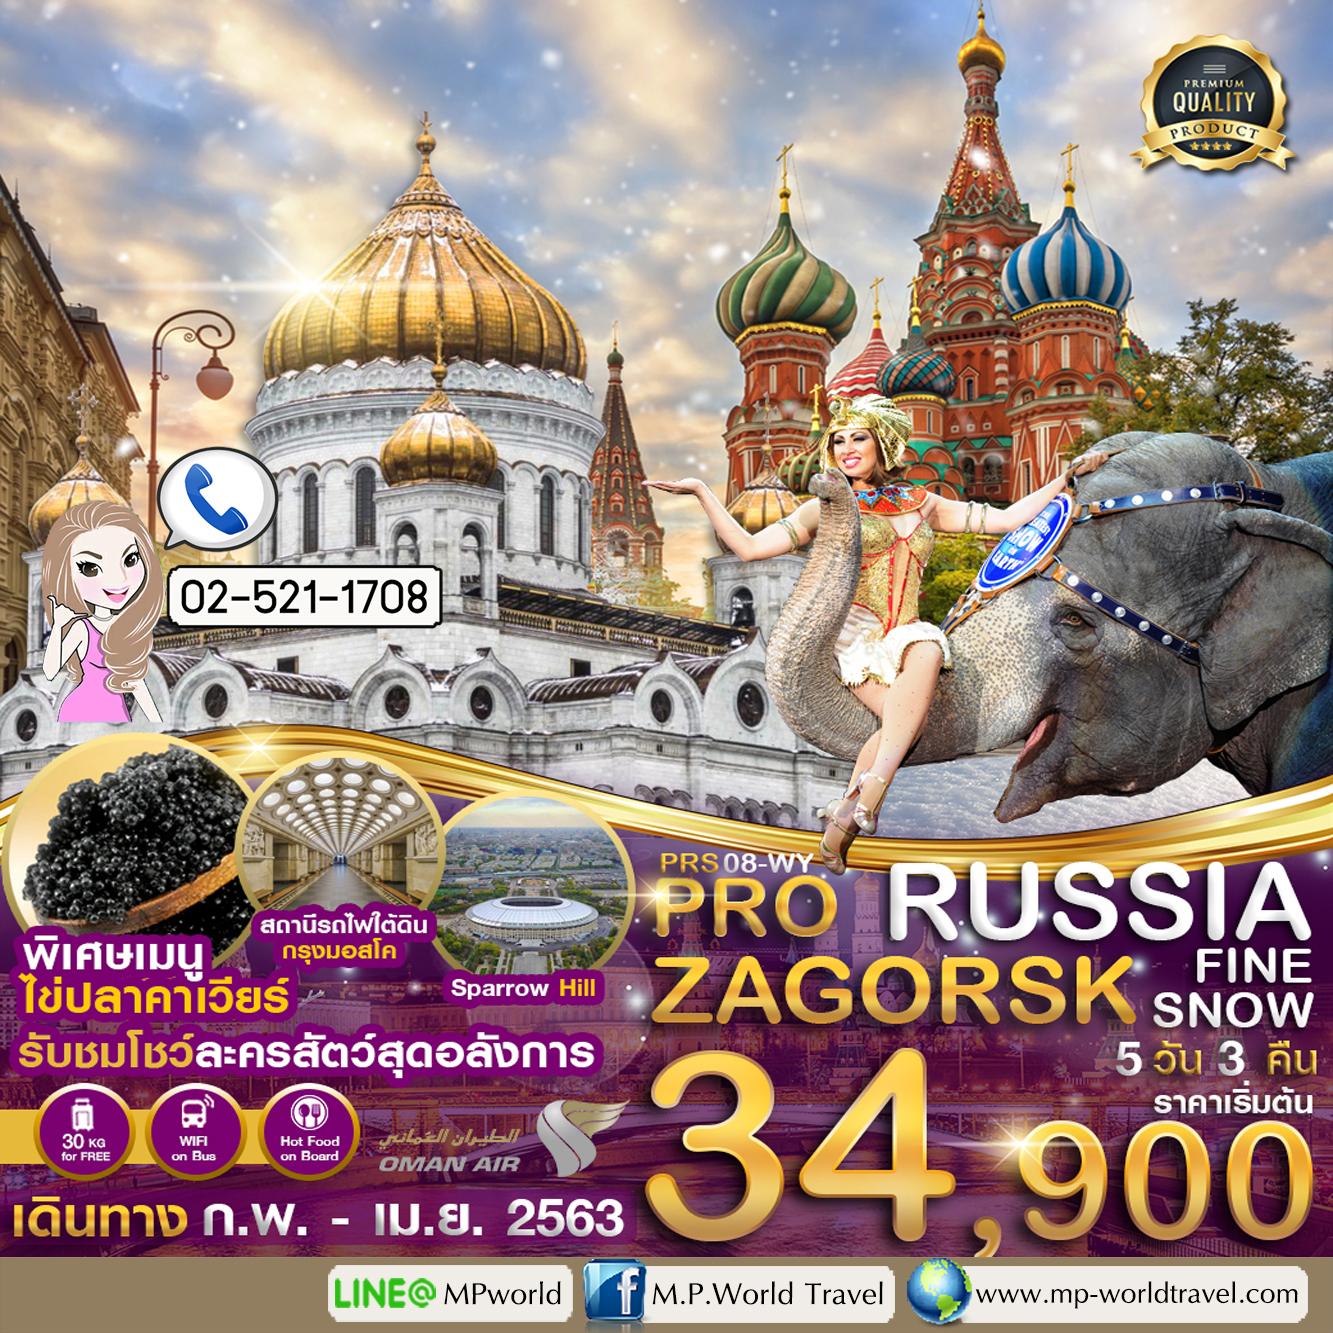 ทัวร์รัสเซีย PRS08 PRO RUSSIA MOSCOW ZAGORSK FINE SNOW 5D 3N WY